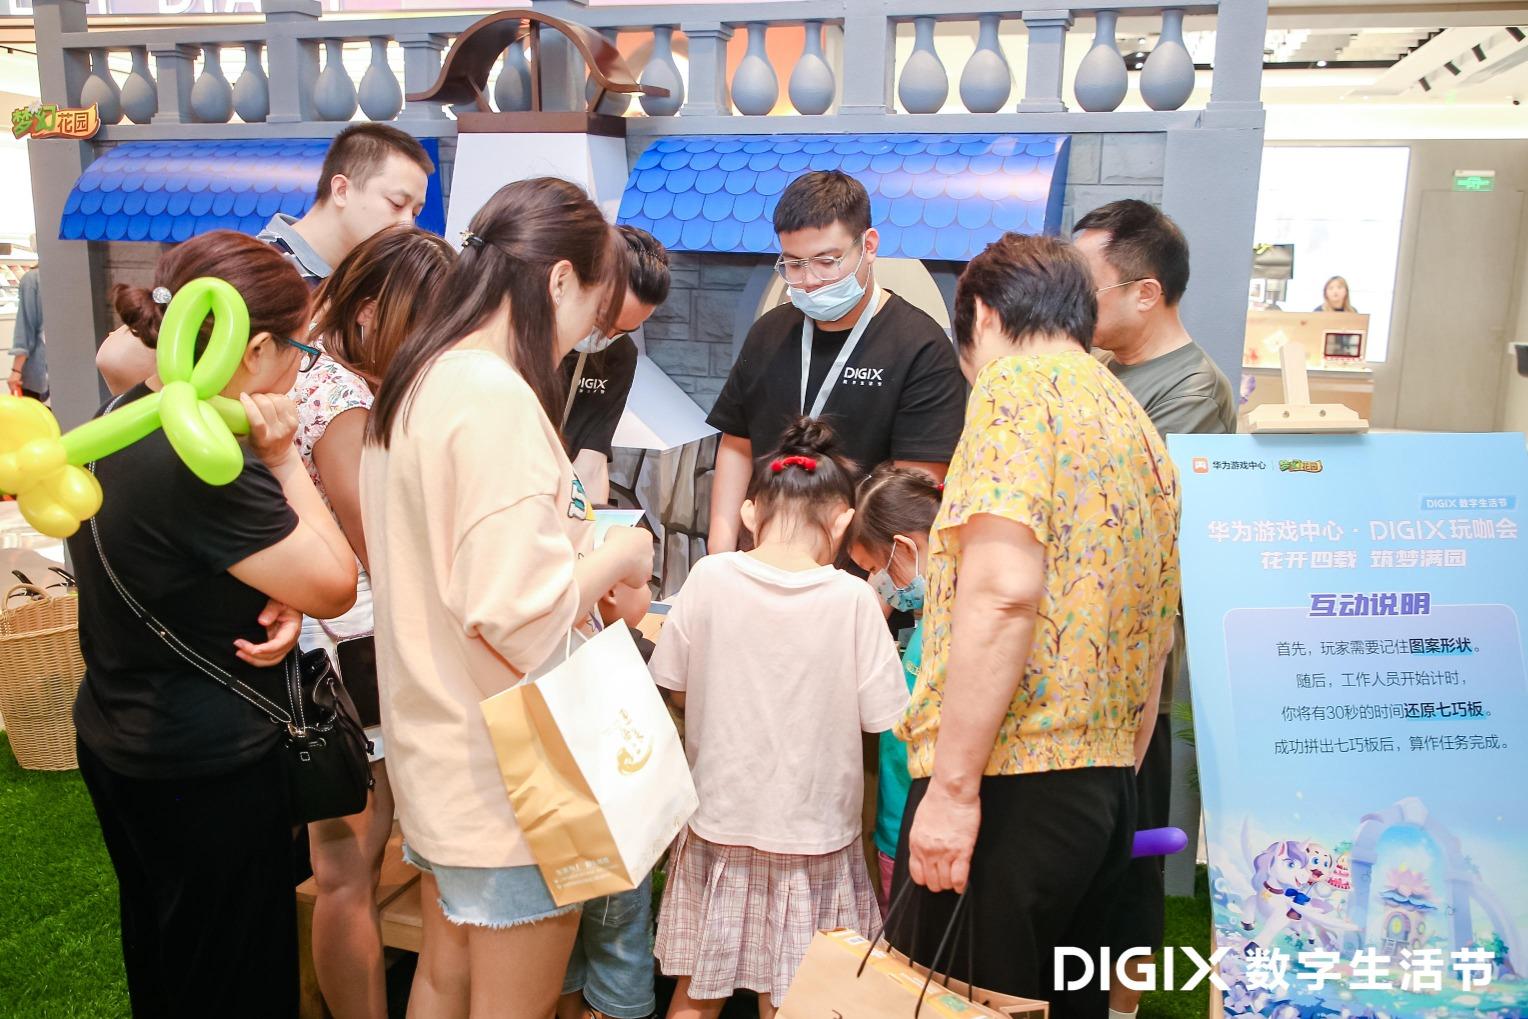 从DIGIX玩咖会看华为游戏中心精细化运营如何解锁营销新动能